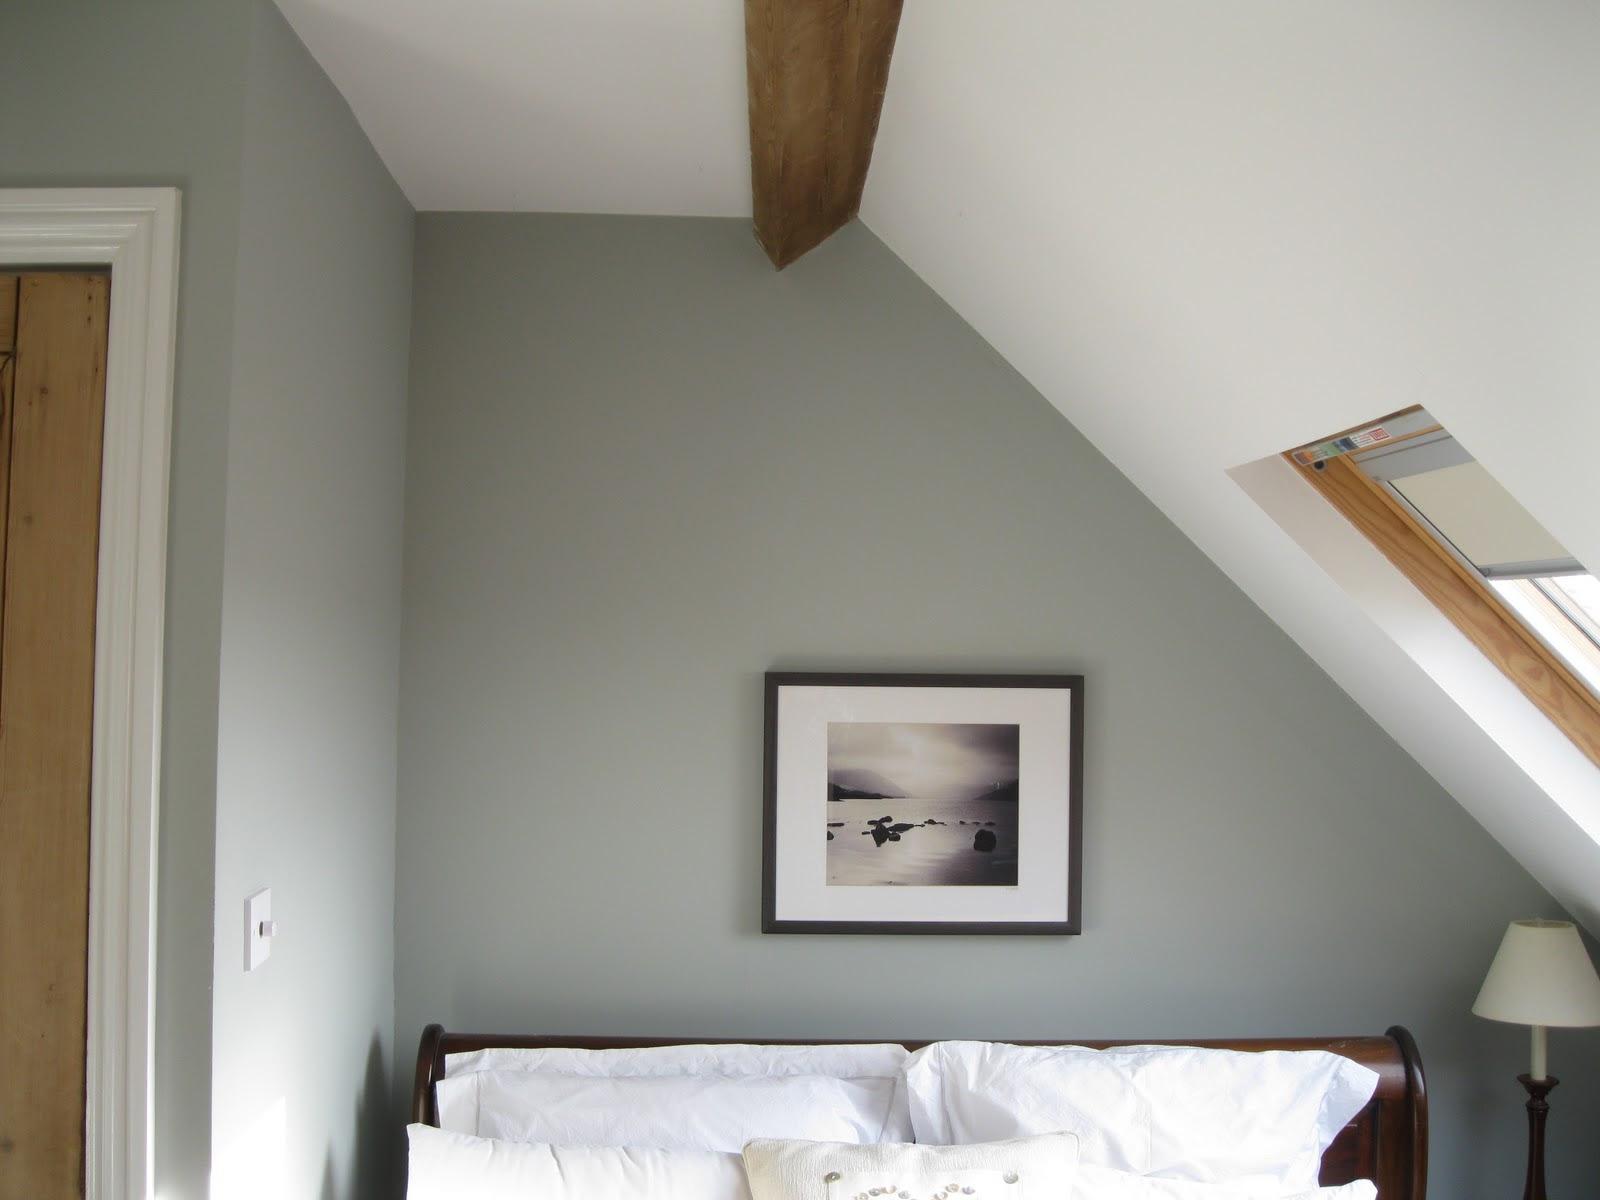 TOP 10 Light blue walls in bedroom 2019 | Warisan Lighting